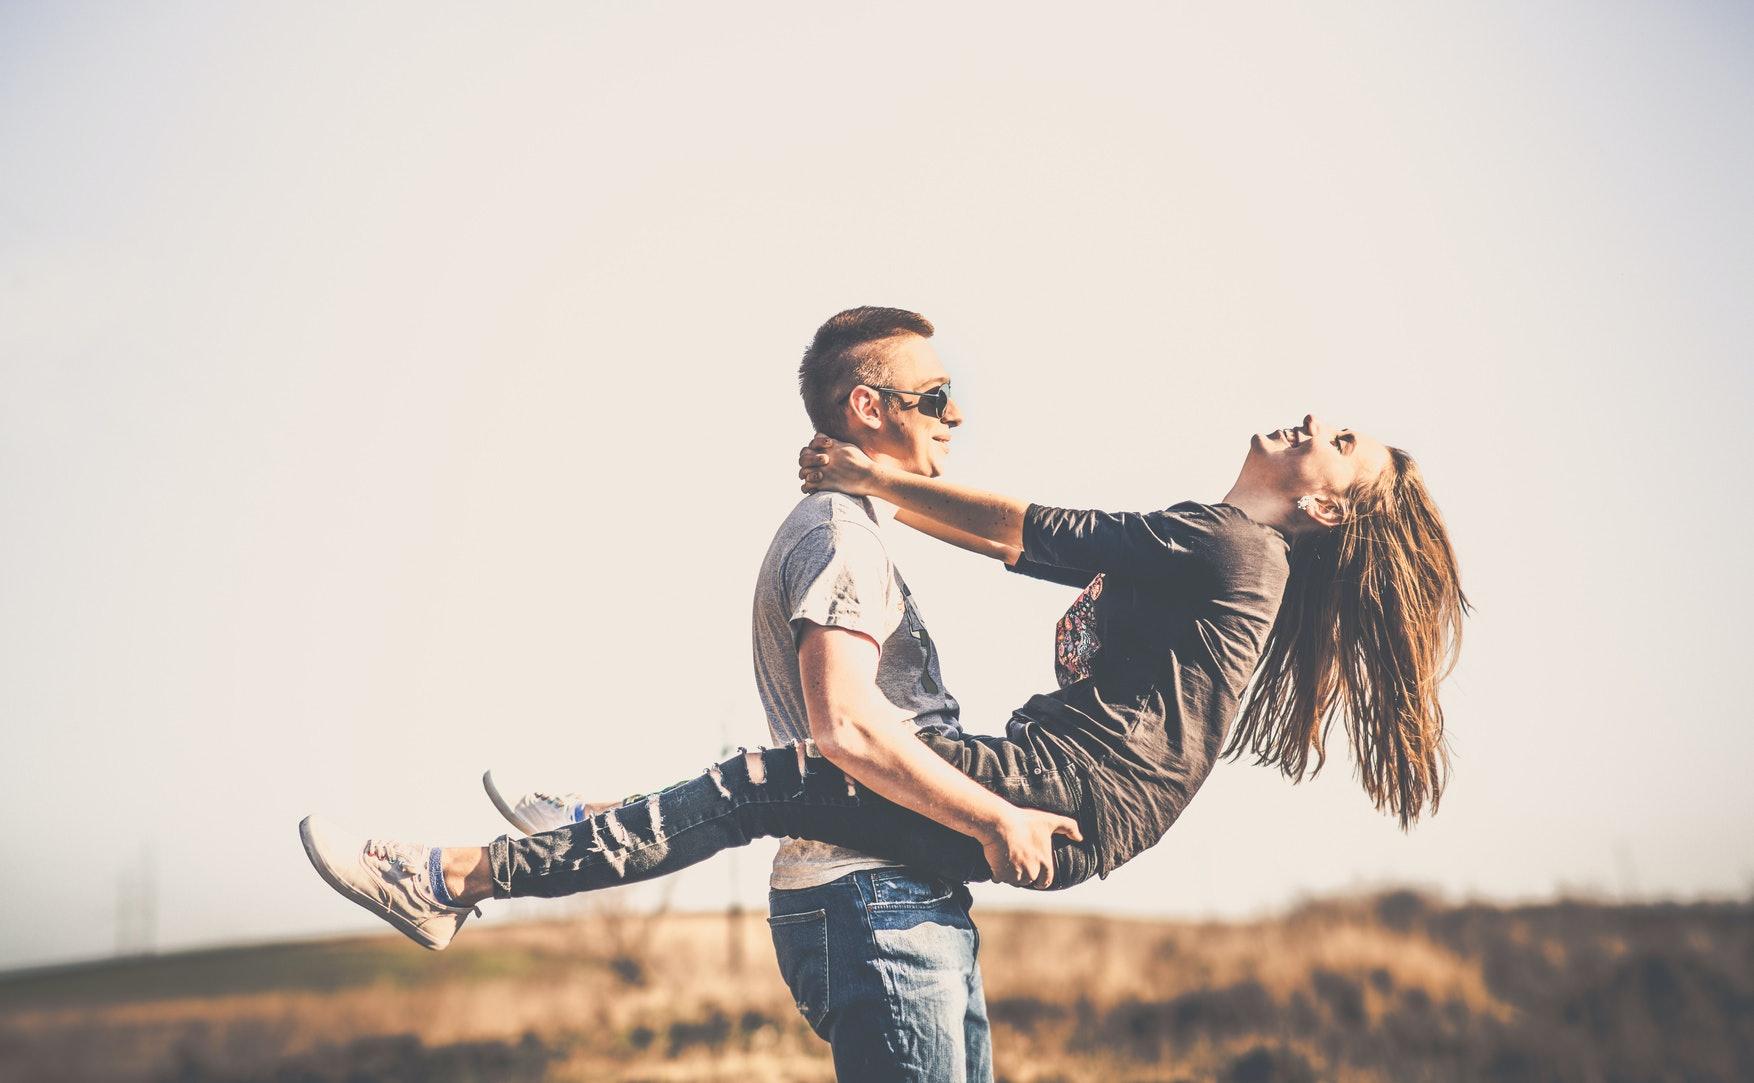 Sayap jibril online dating